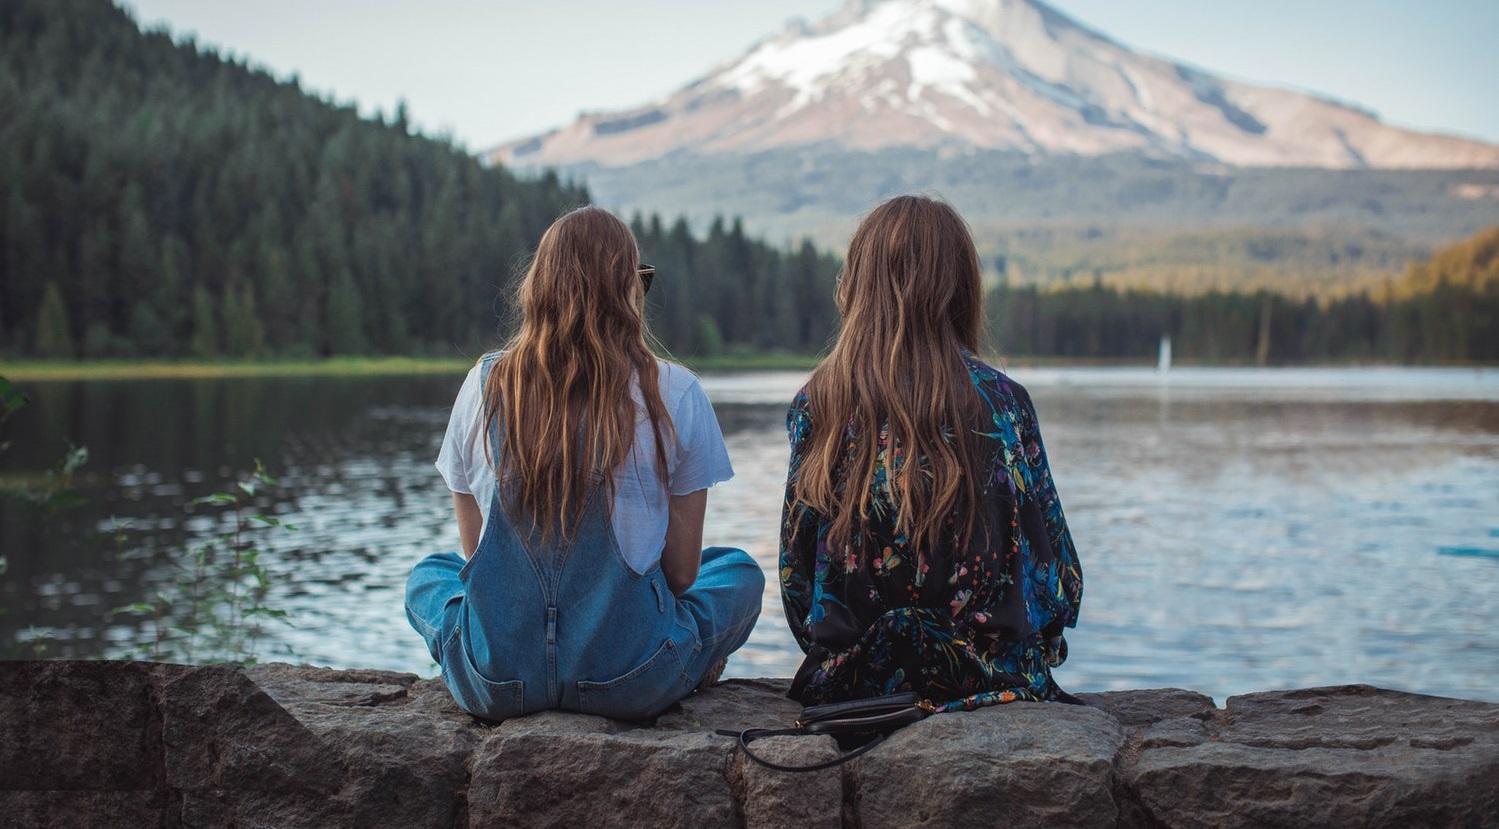 Nghiên cứu cho thấy càng có nhiều bạn tốt thì càng khỏe mạnh